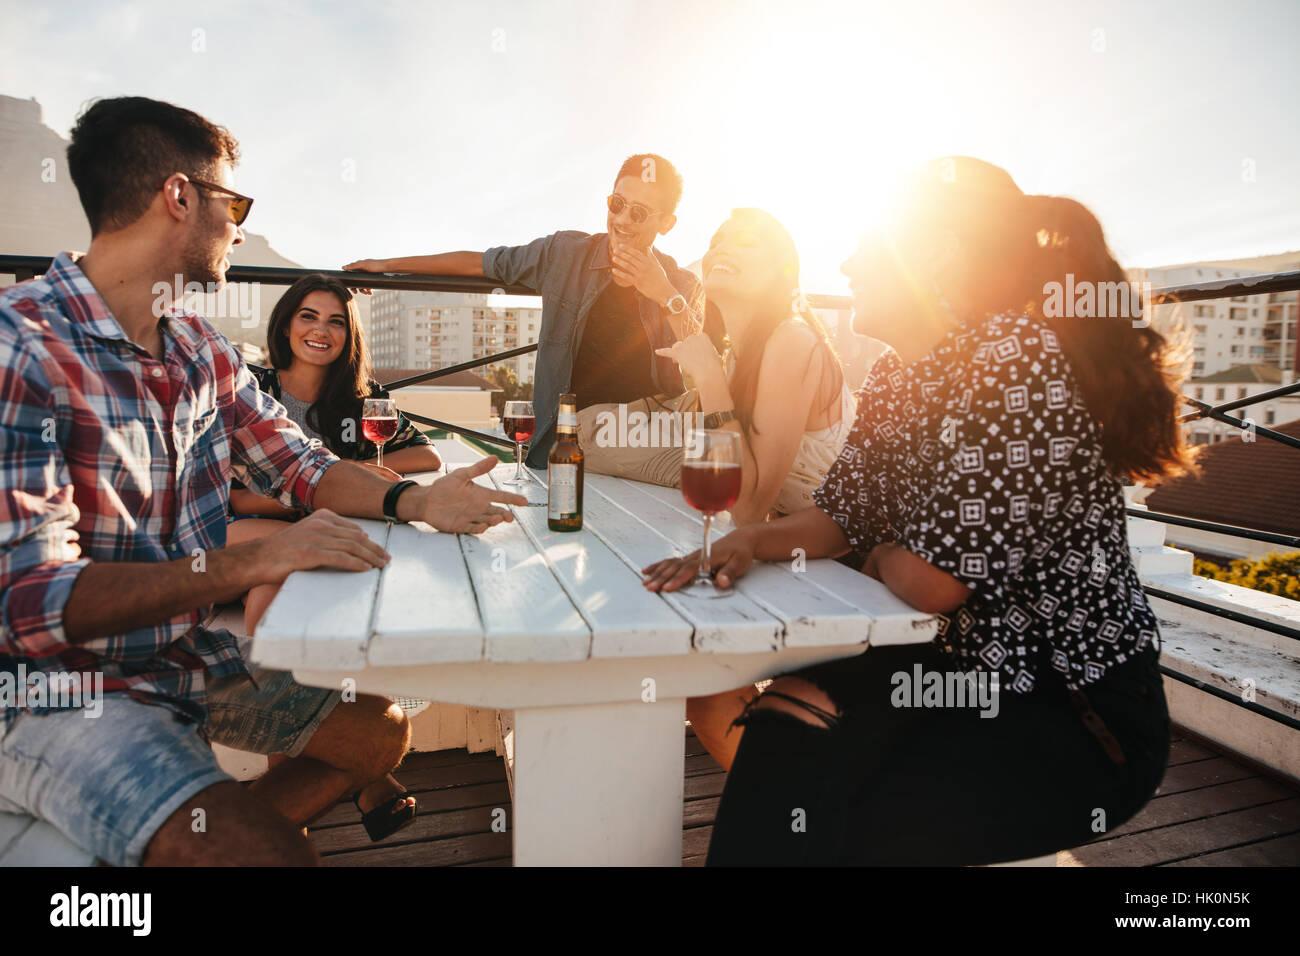 Un gruppo di giovani seduti attorno a un tavolo con bevande. Giovani uomini e donne aventi parti sul tetto in serata. Immagini Stock